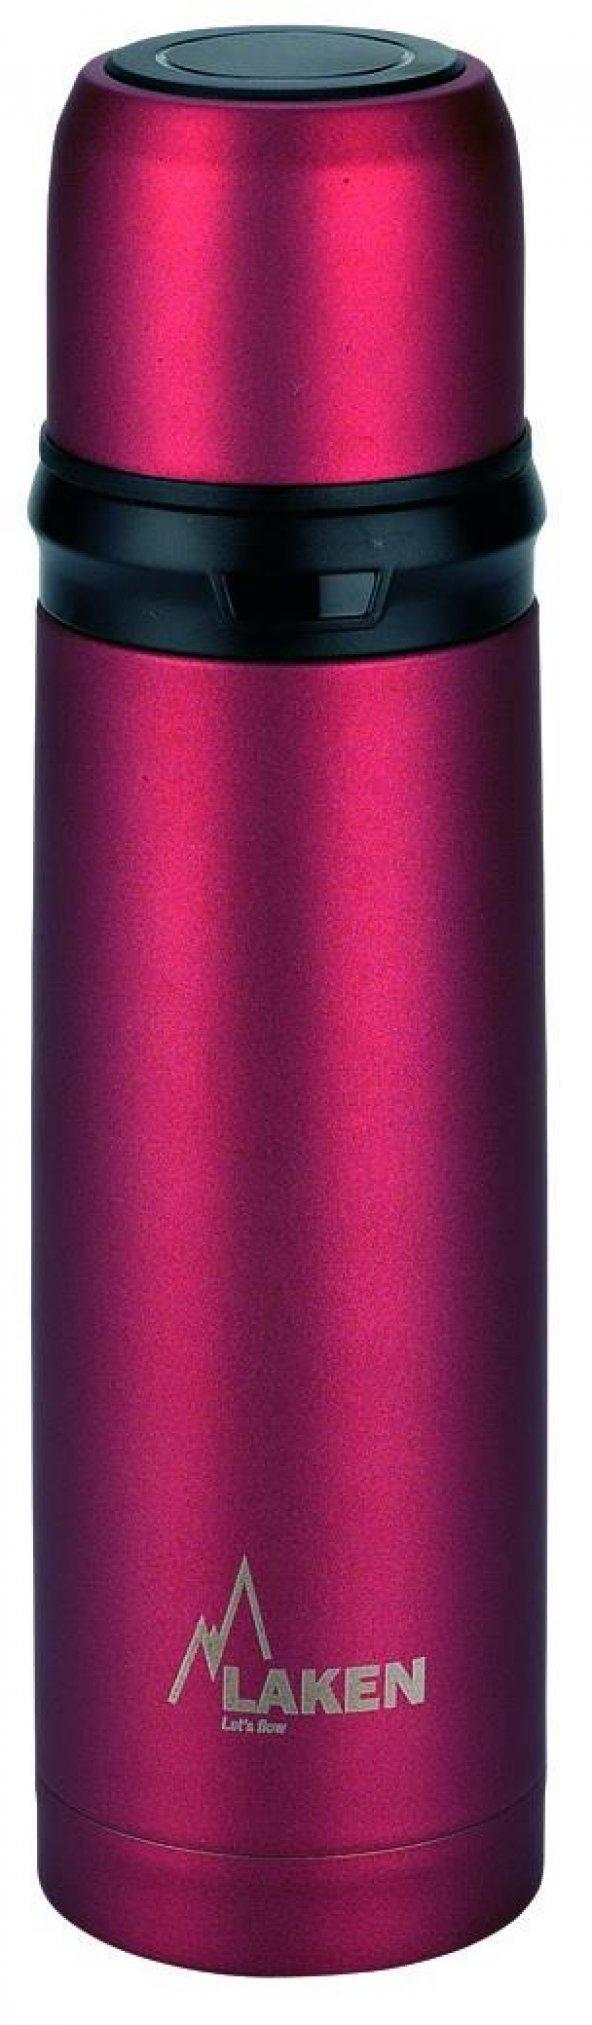 Laken İspanya Üretimi Çelik Termos 0,50L Kırmızı LK180050R